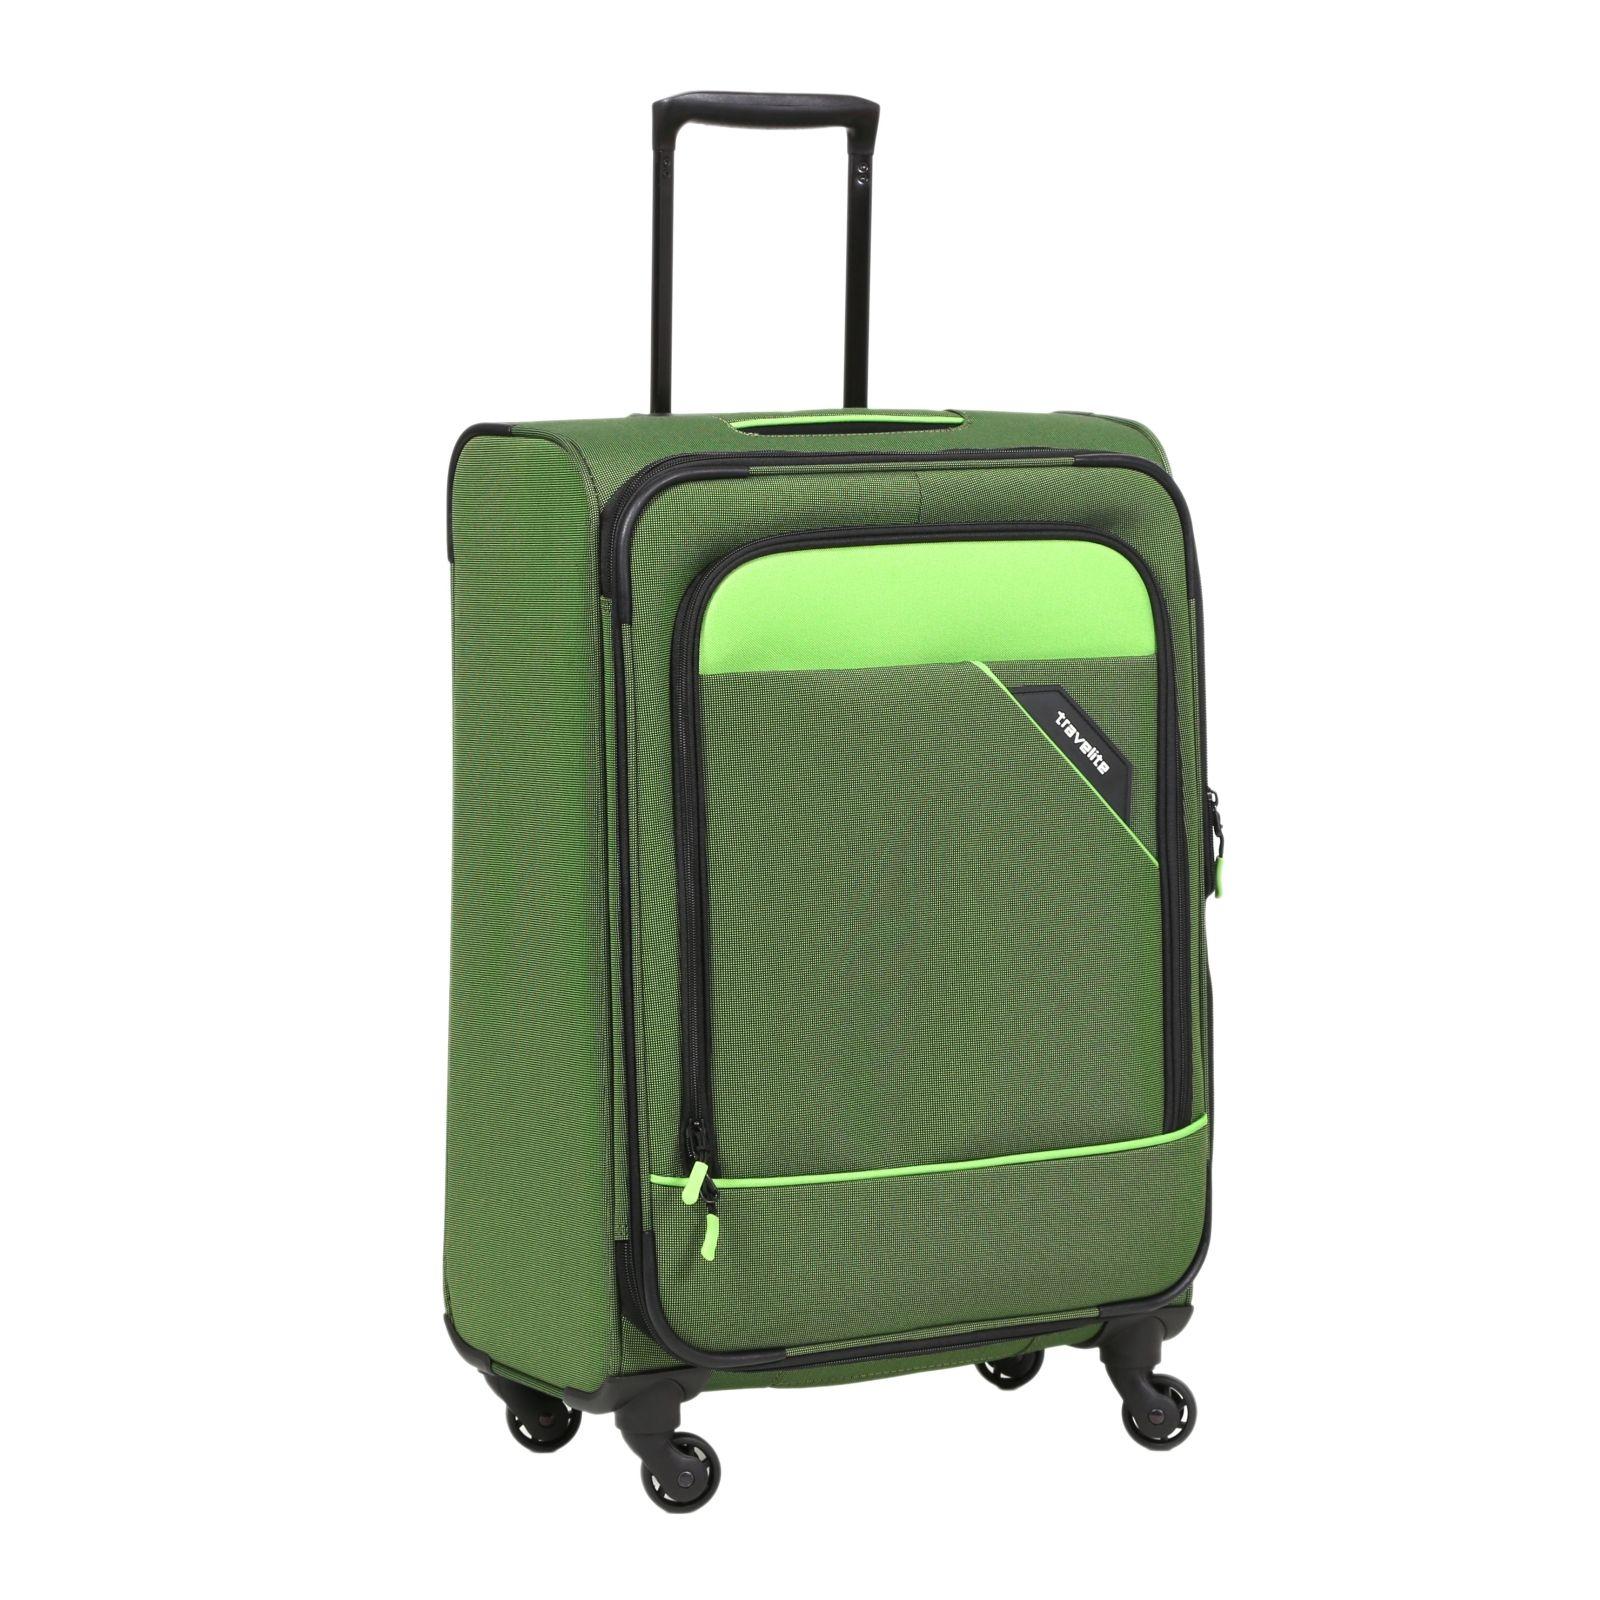 Derby 4-Rollen Trolley grün 66 cm Travelite CQB2K